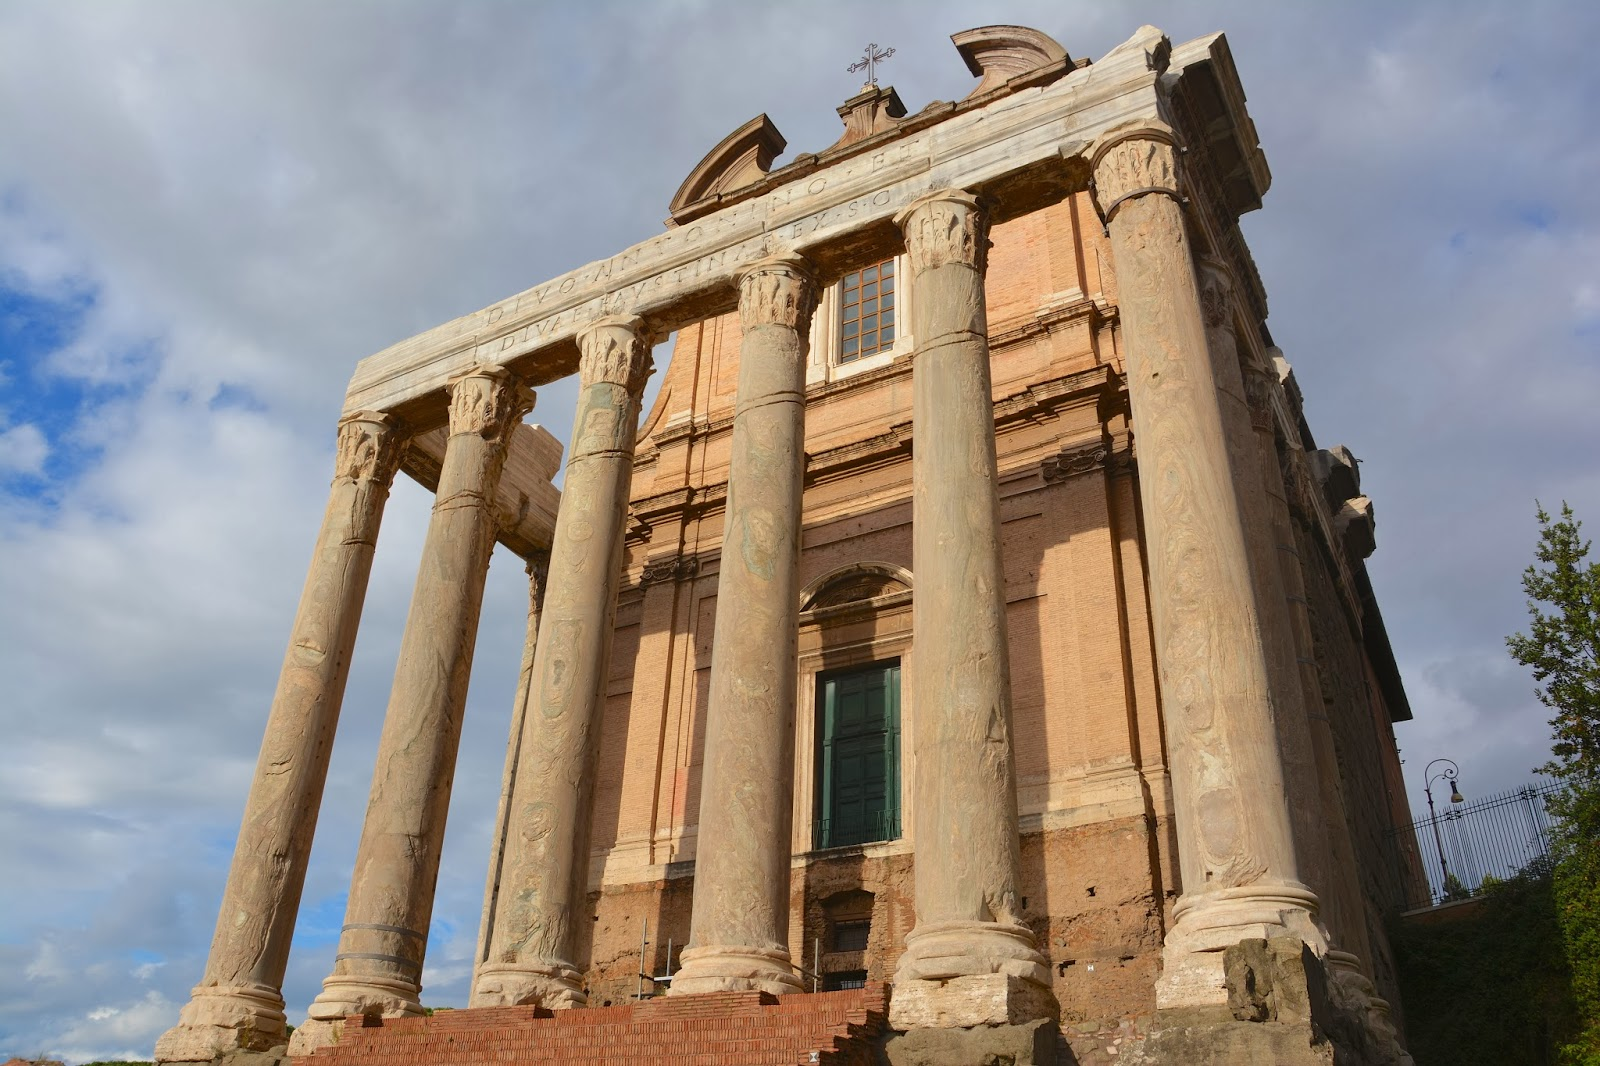 roman empire government building